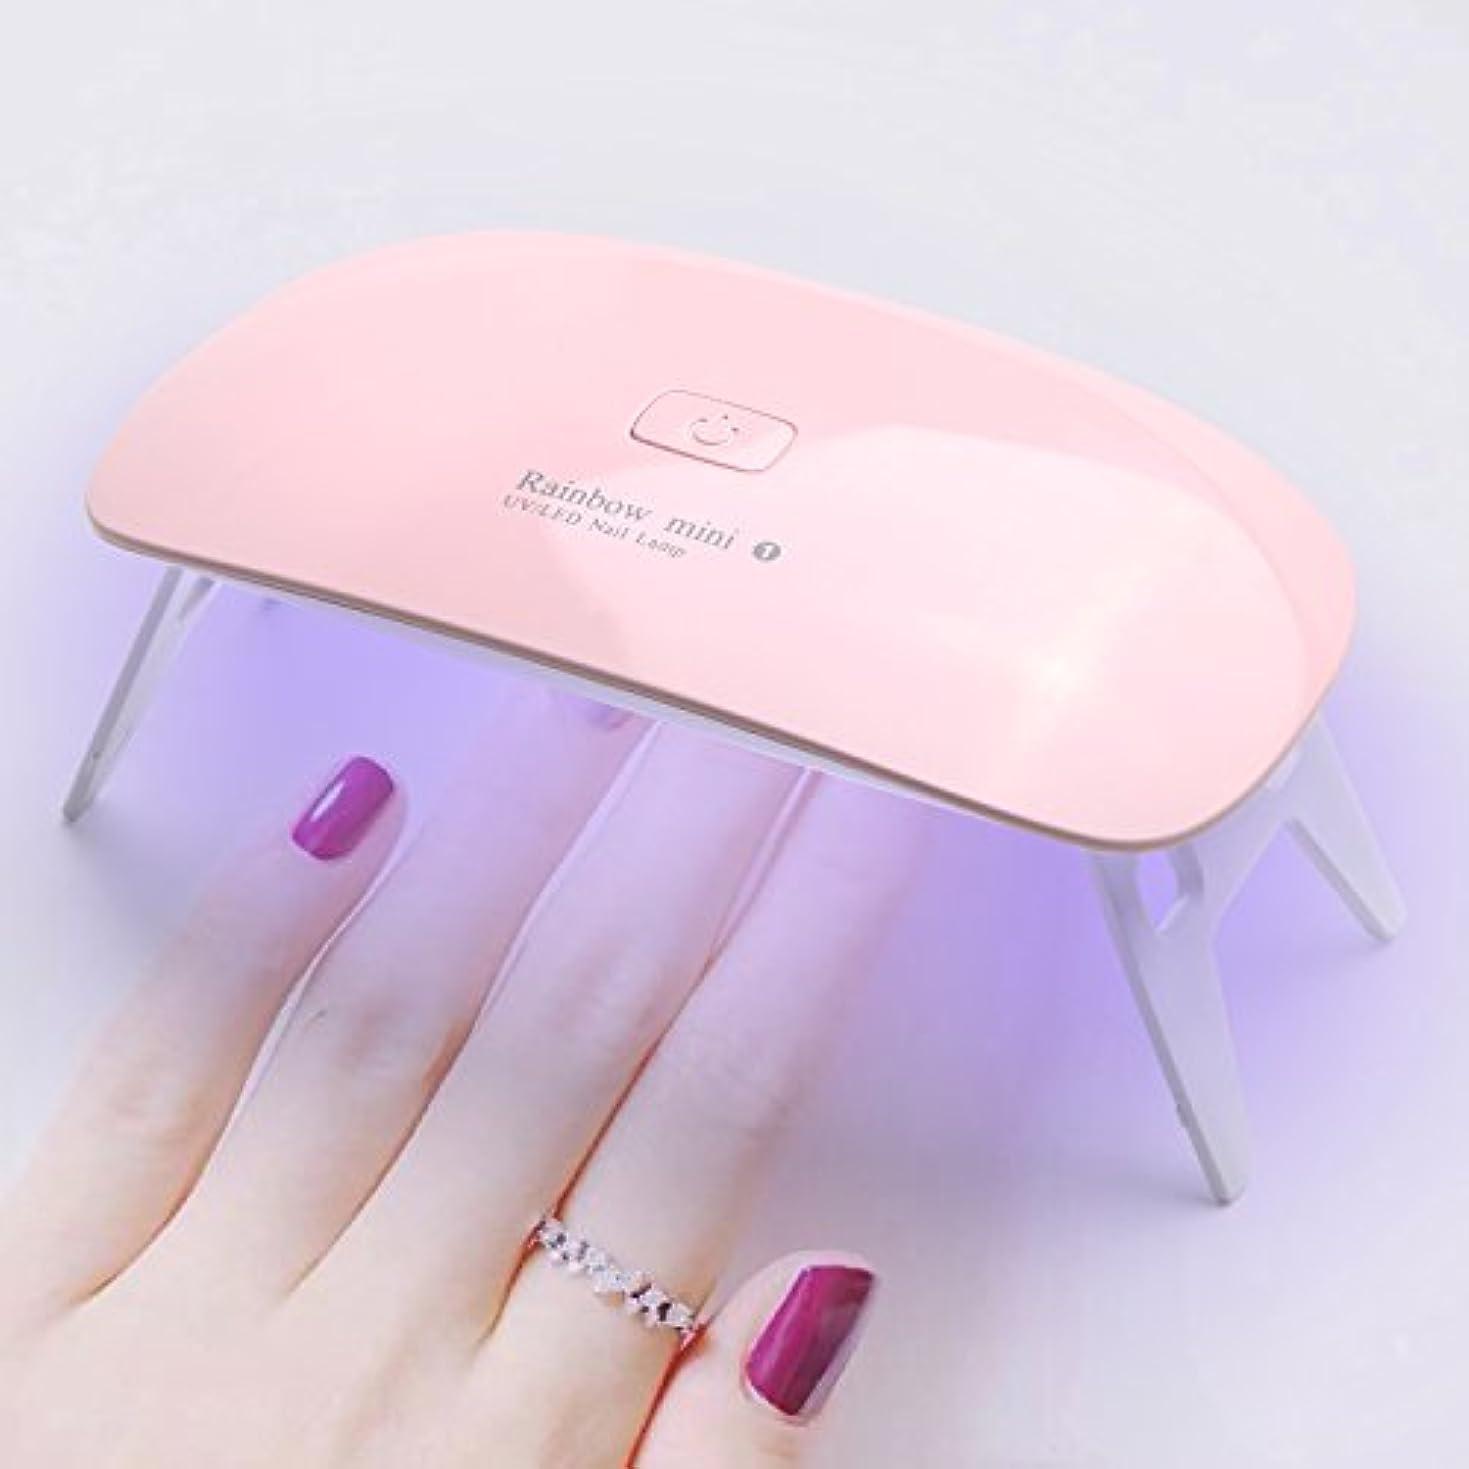 バングラデシュ回転ケージLEDネイルドライヤー AmoVee UVライト タイマー設定可能 折りたたみ式 ジェルネイル用 (pink)